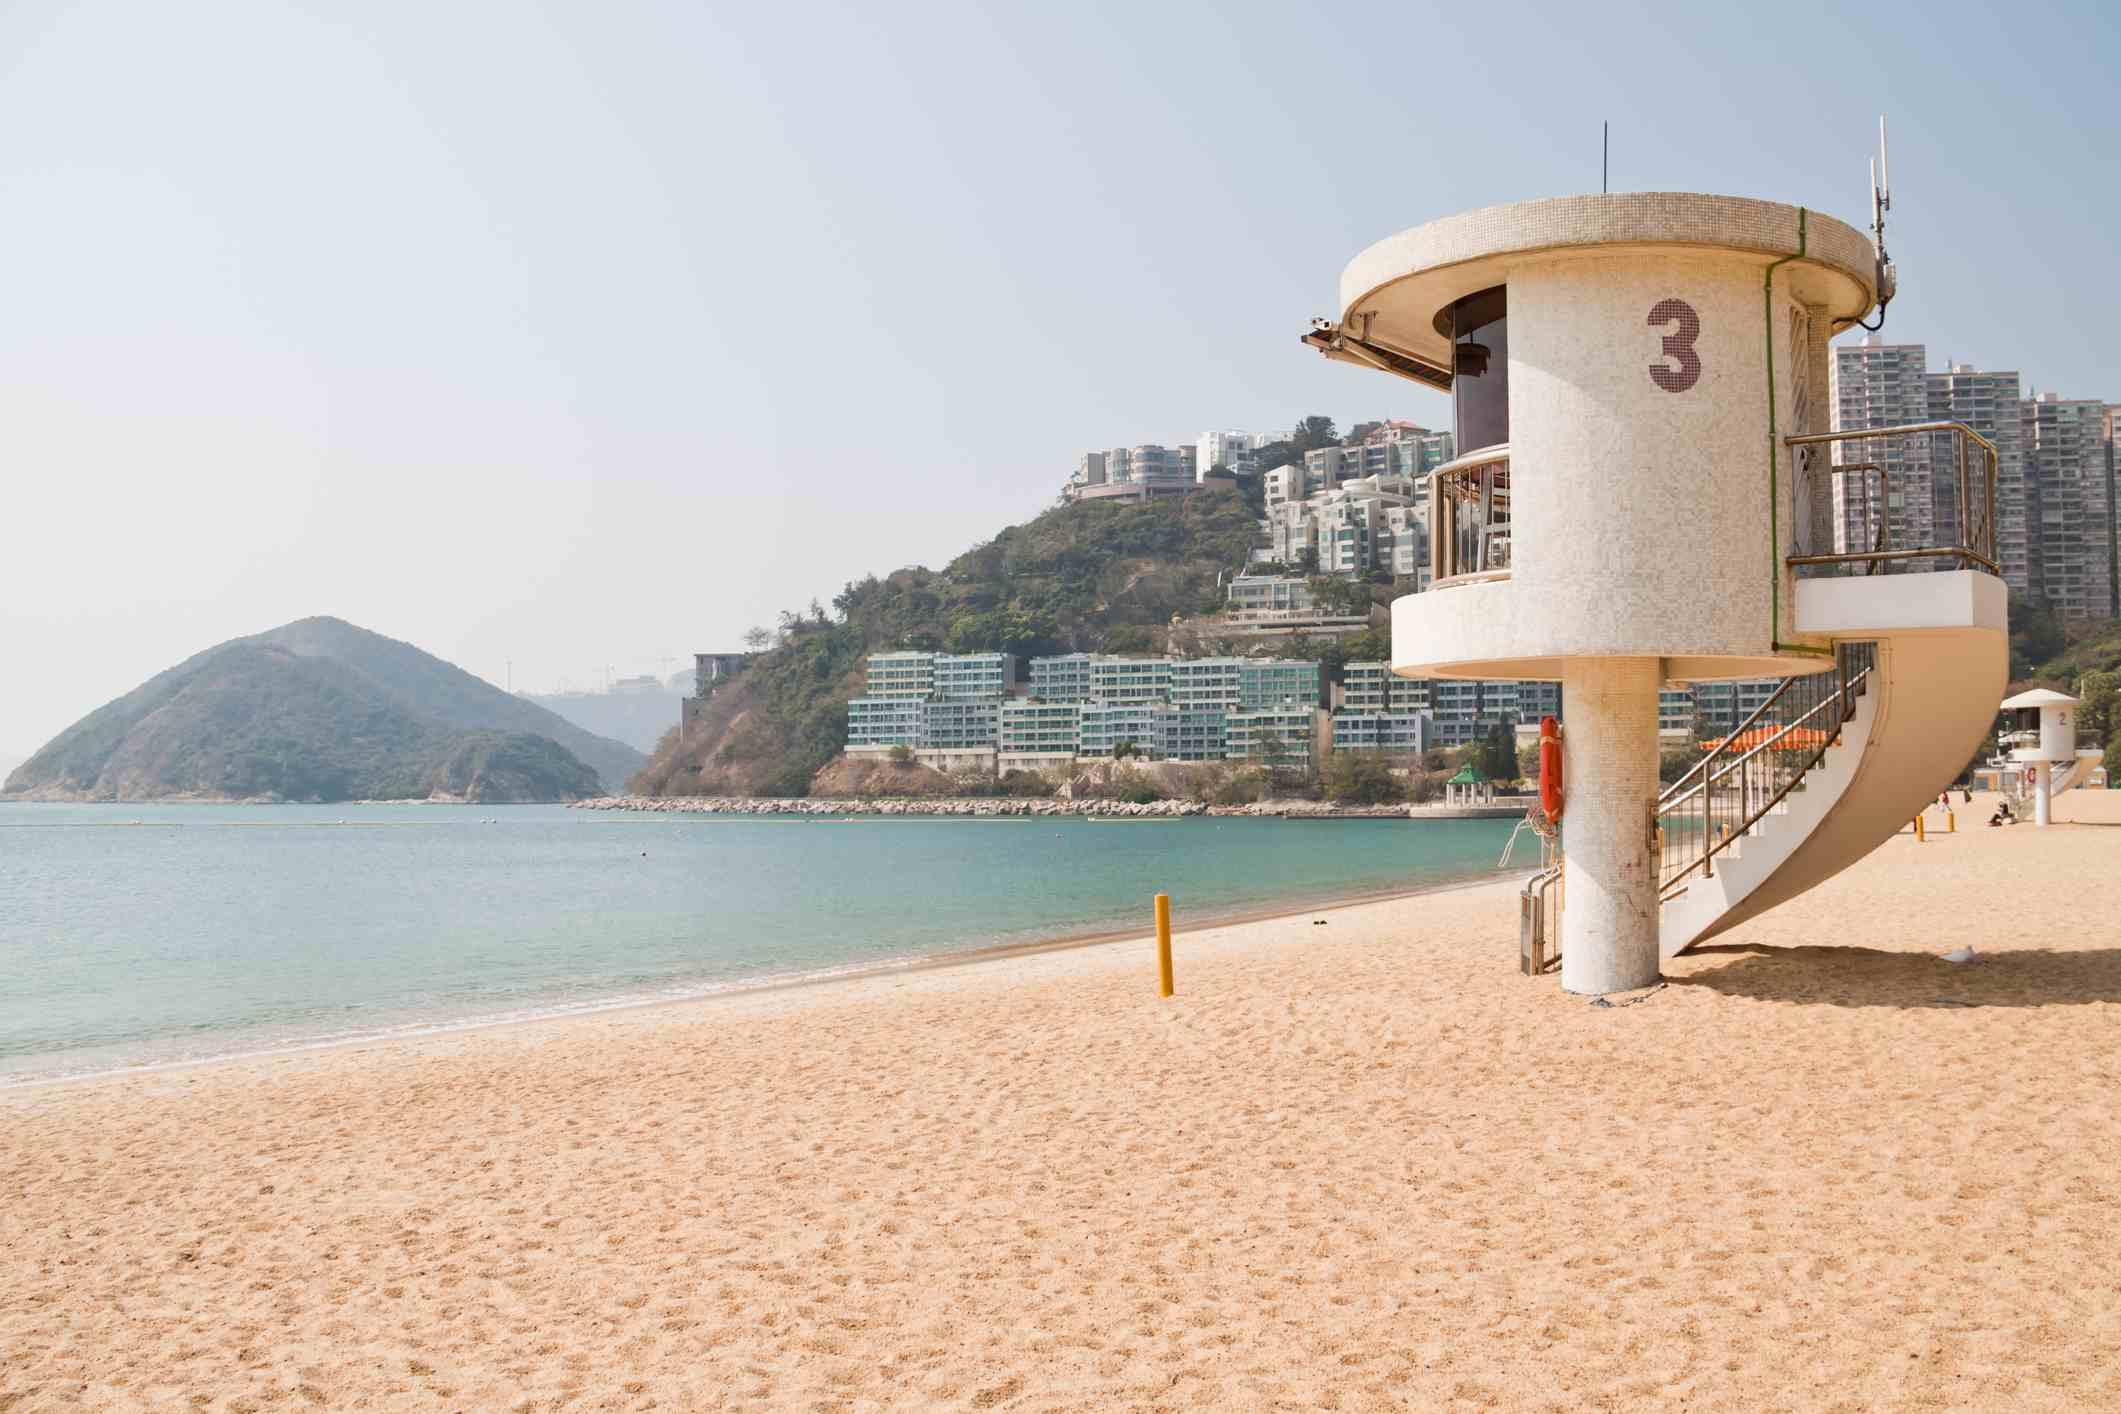 Lifeguard station at Repulse Bay, Hong Kong